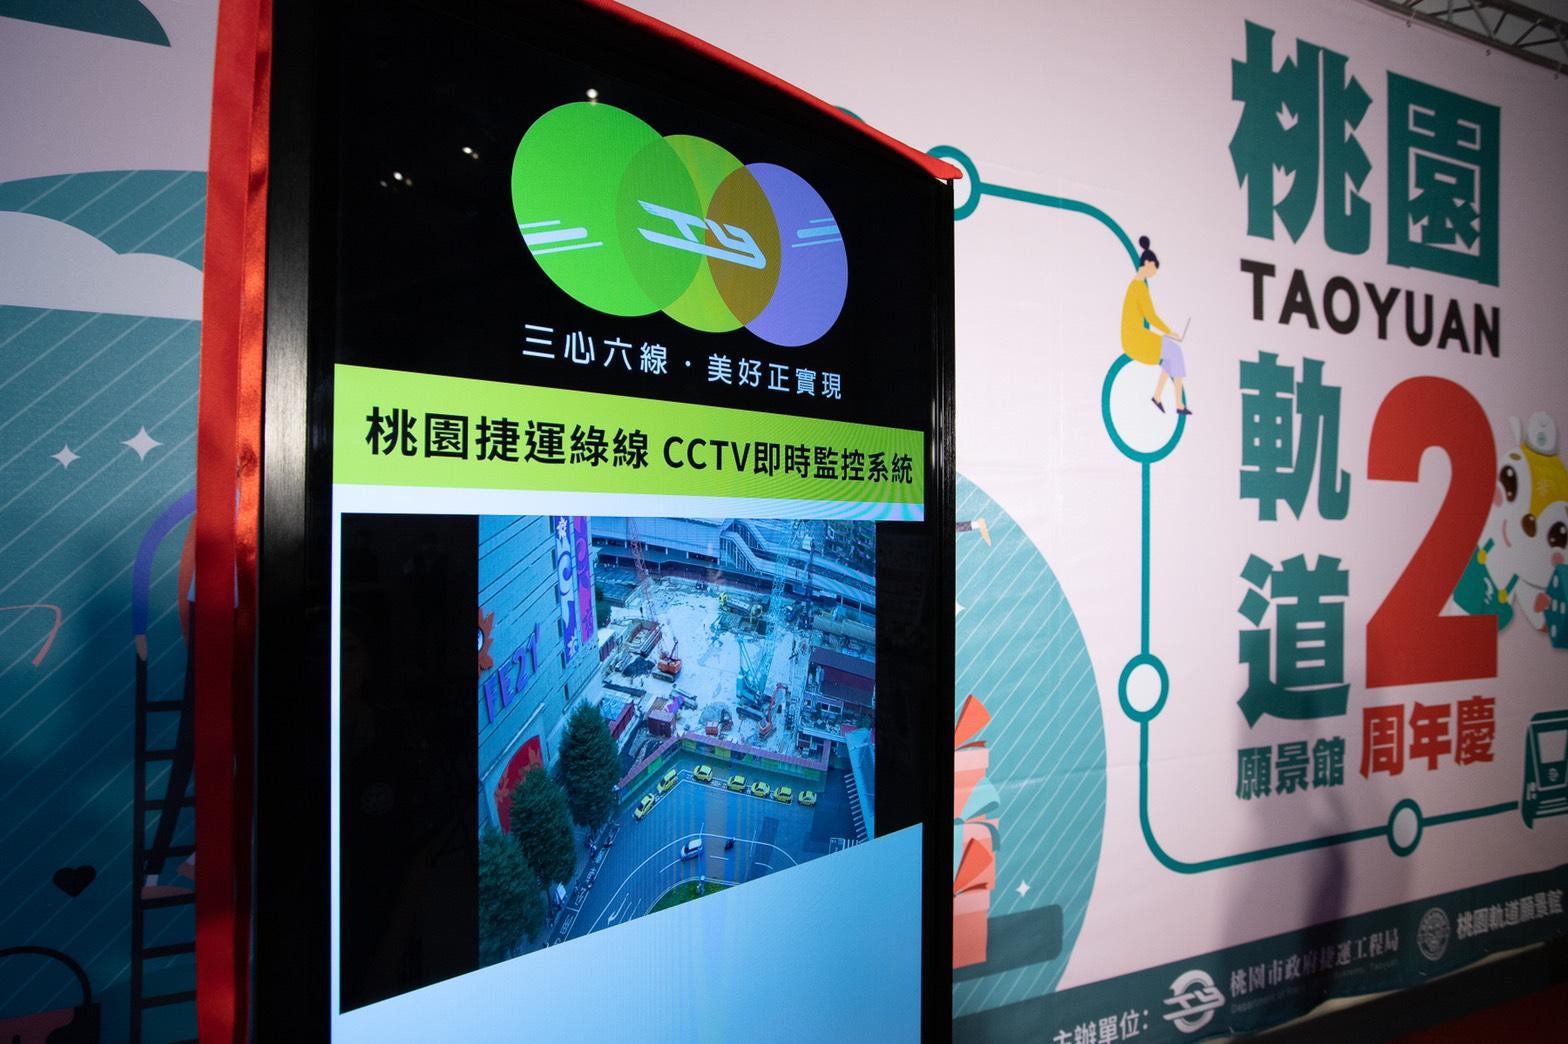 桃園捷運綠線CCTV工區即時影像顯示器